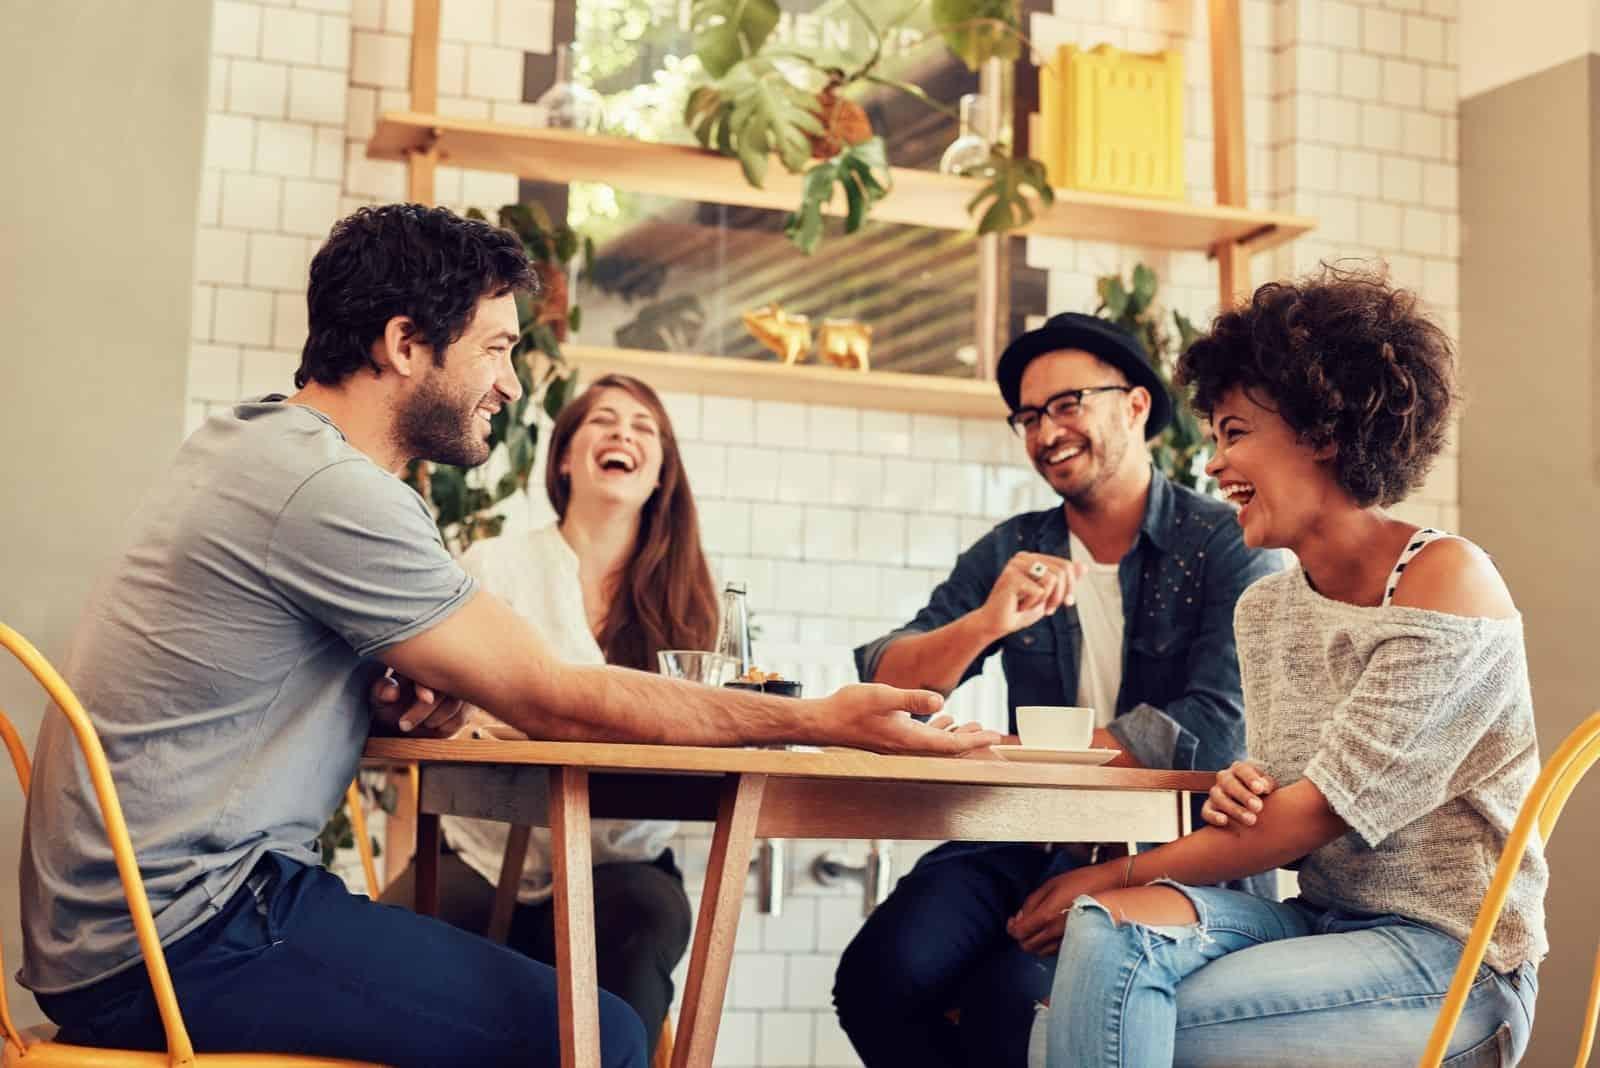 junge glückliche Freunde im Café trinken und amüsieren sich